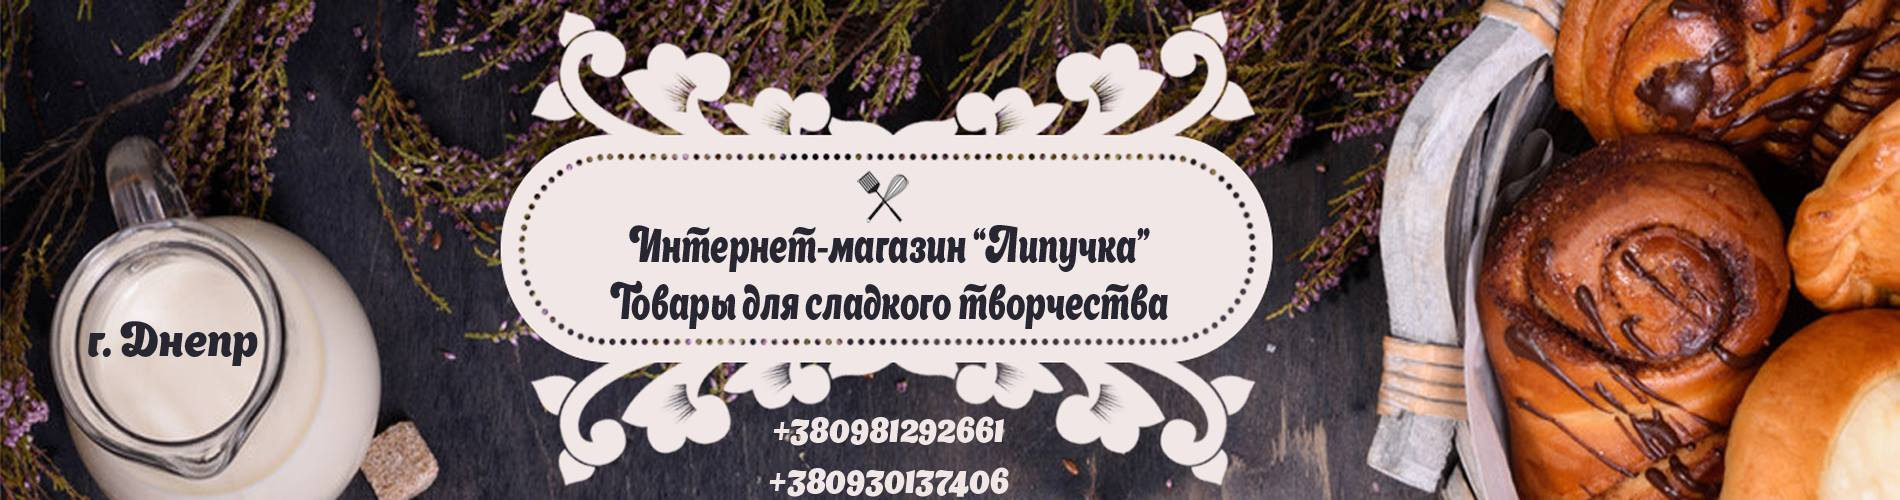 Новости Днепра про Липучка: создаем рай для сладкоежек